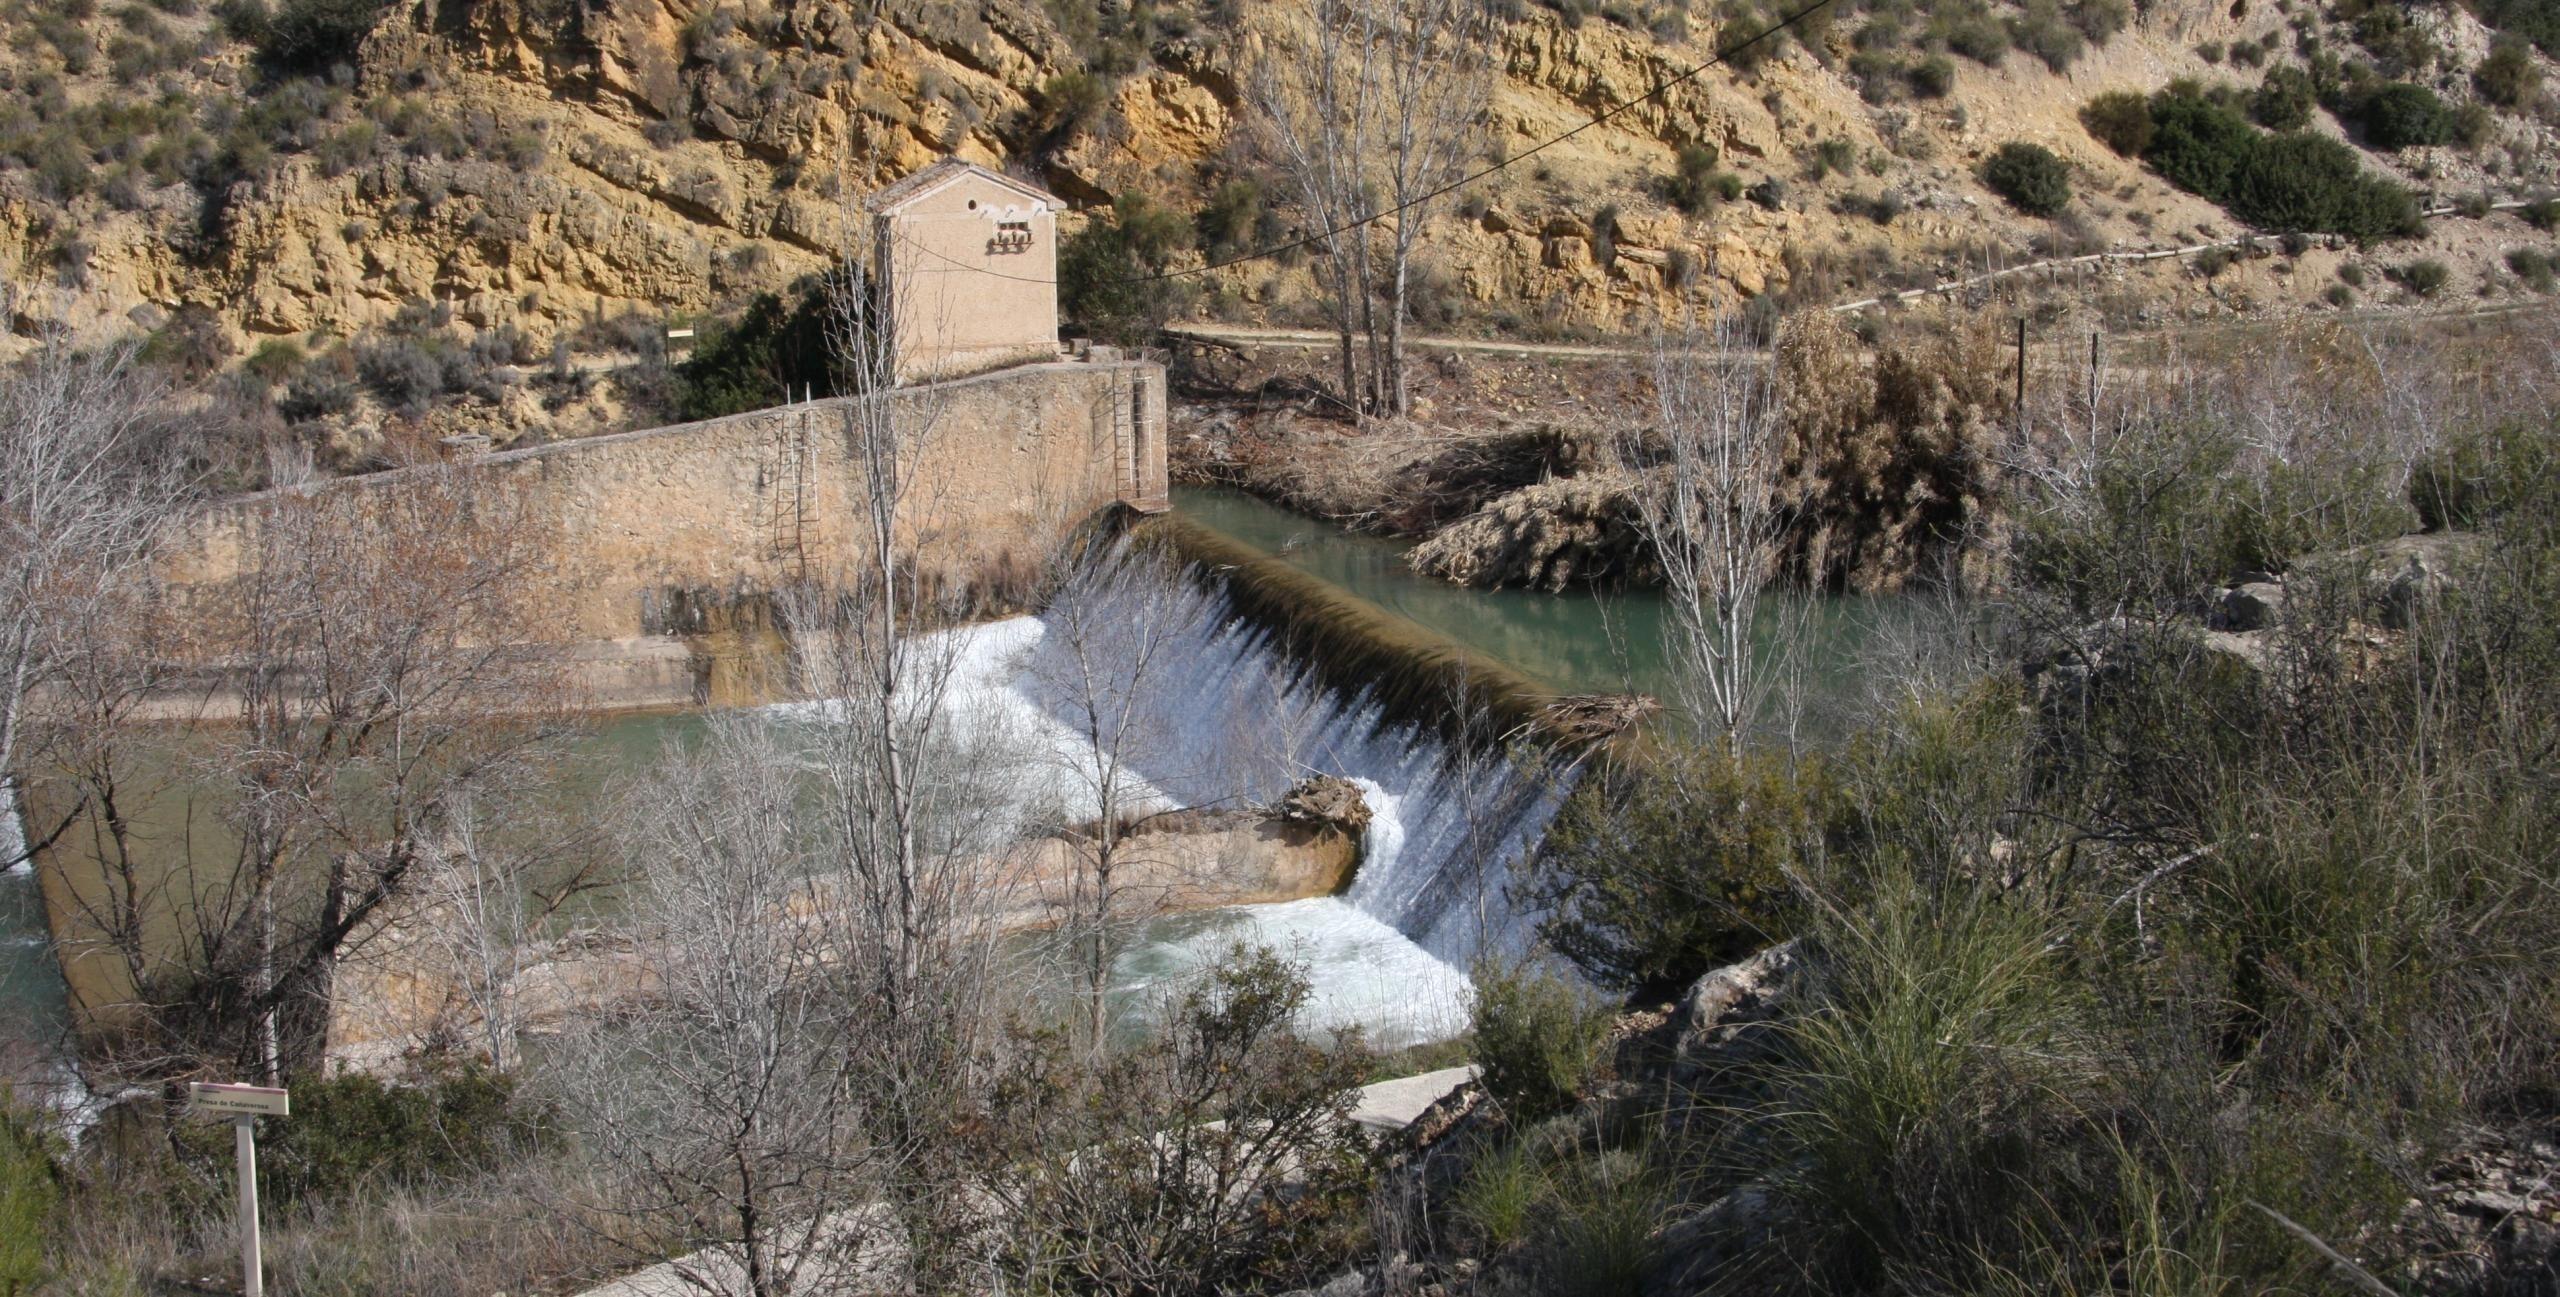 La CHS eliminará las barreras para peces en un tramo de 54 kilómetros del río Segura